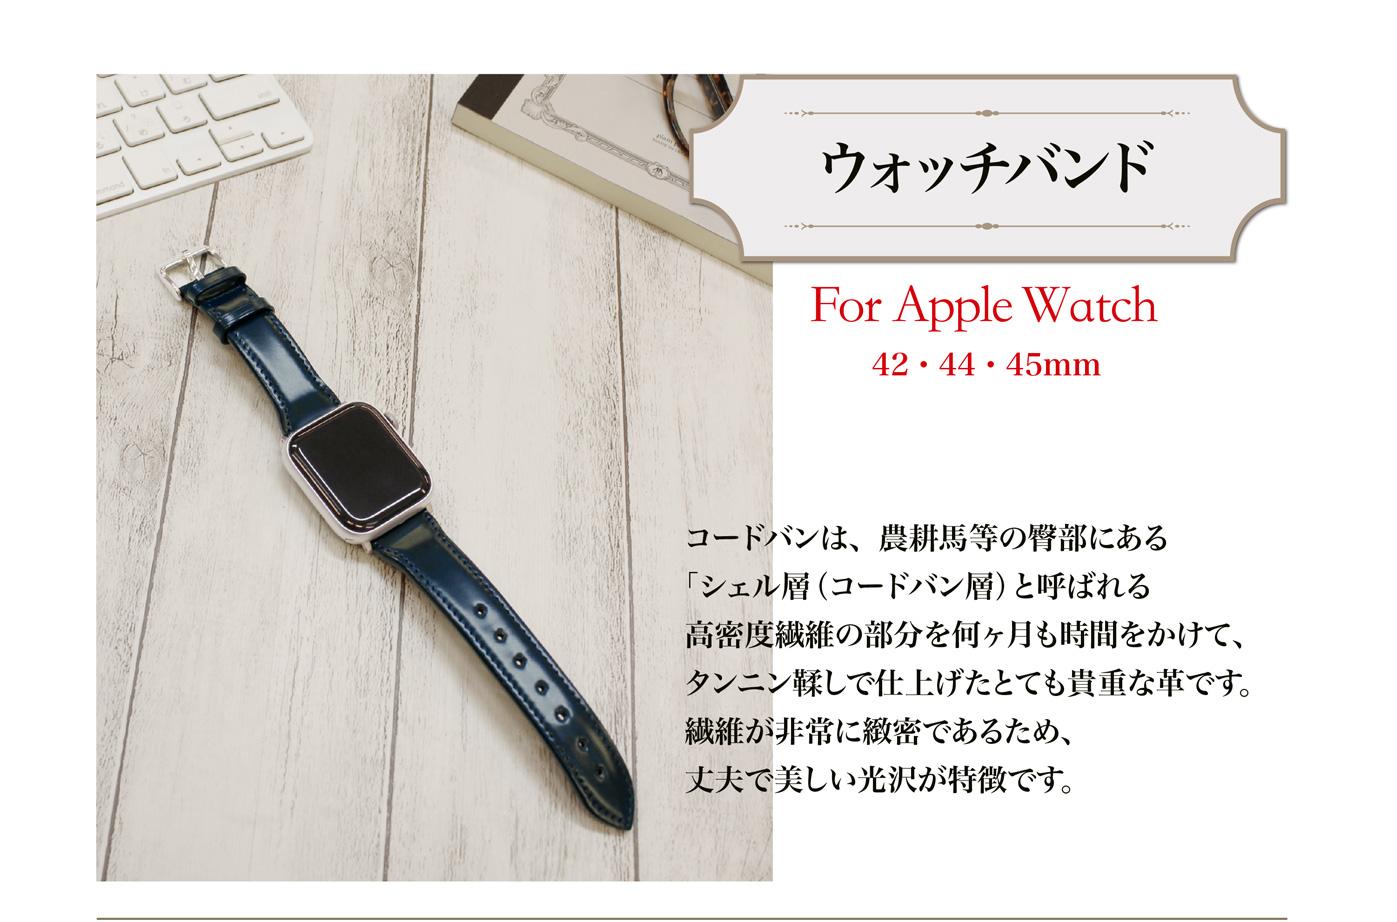 アップルウォッチ革ベルト